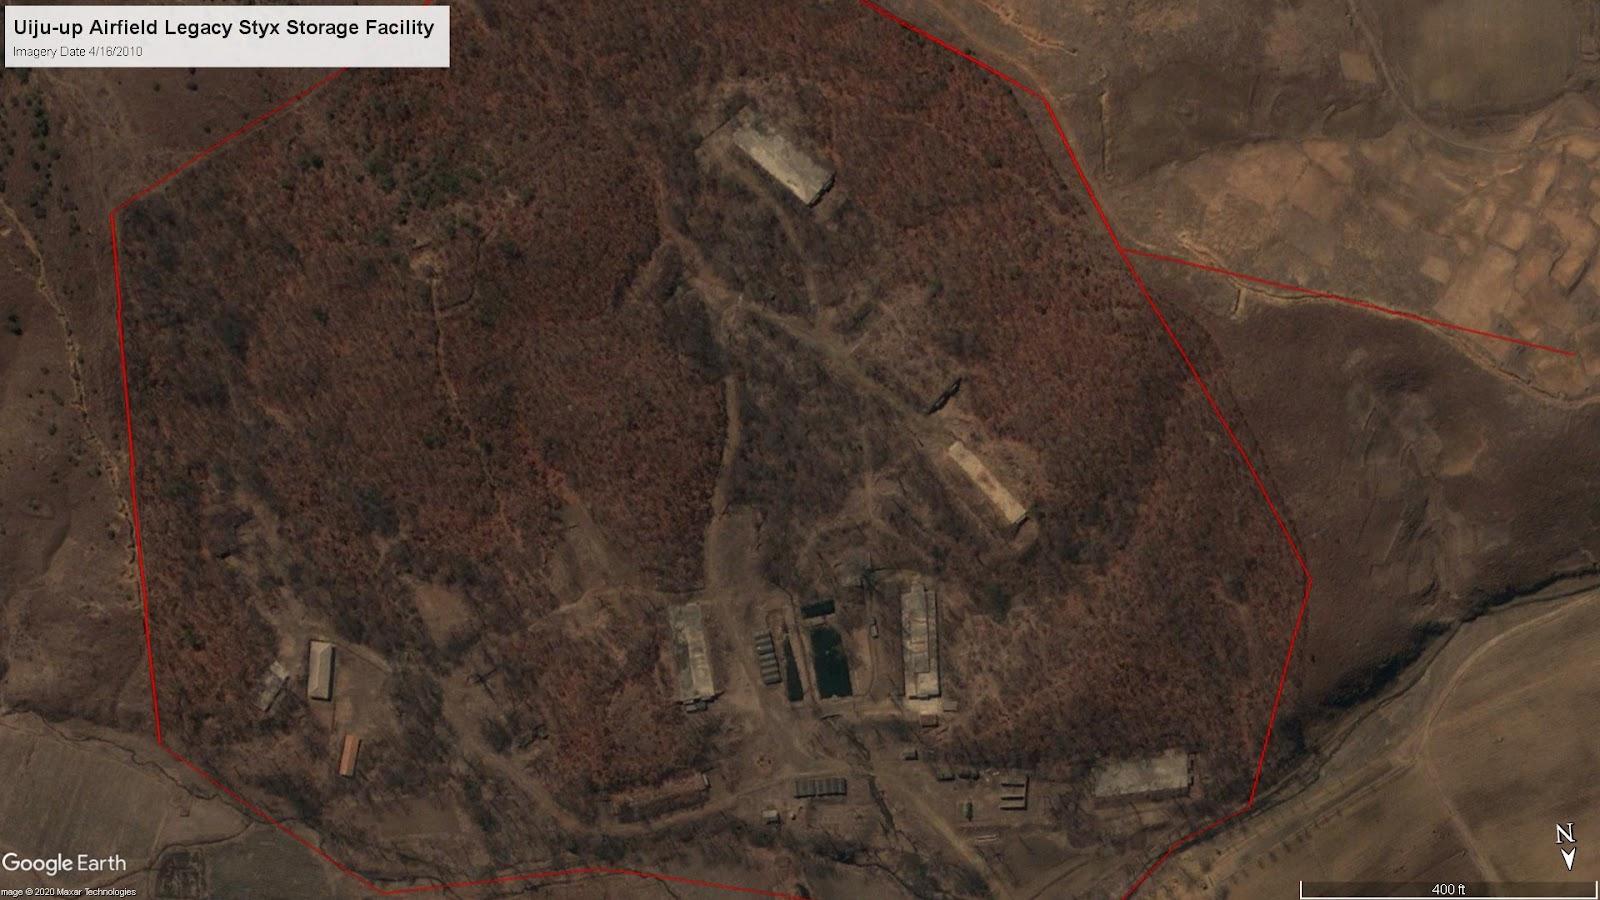 Uiju-Up Airfield Legacy Styx Storage Facility, 2010